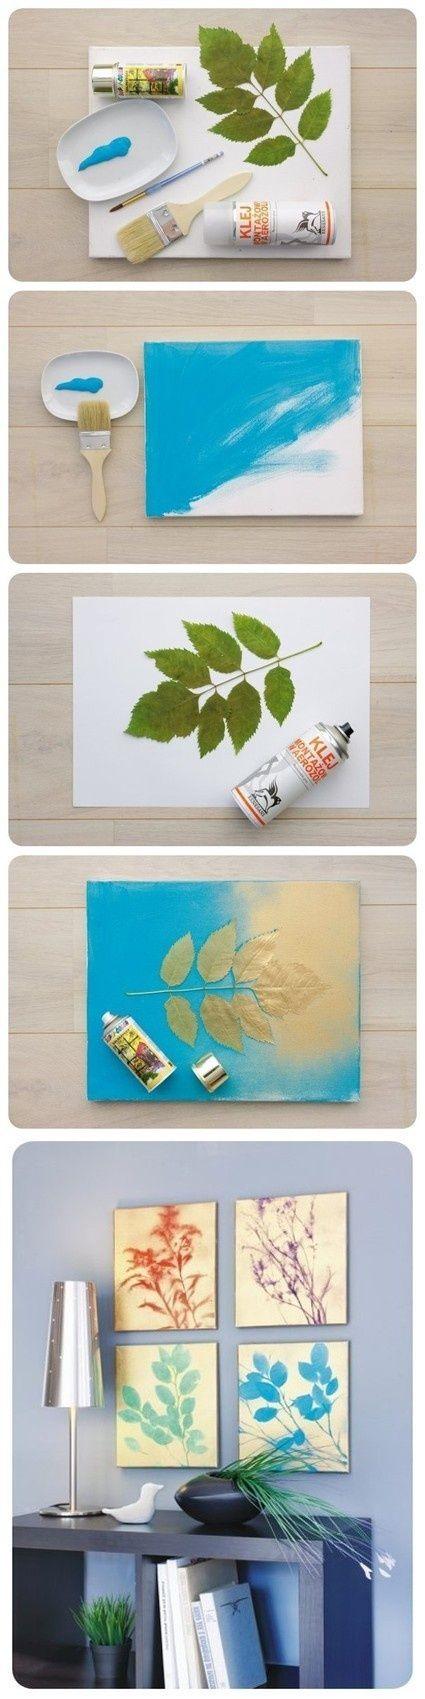 cuadros originales para decorar paredes